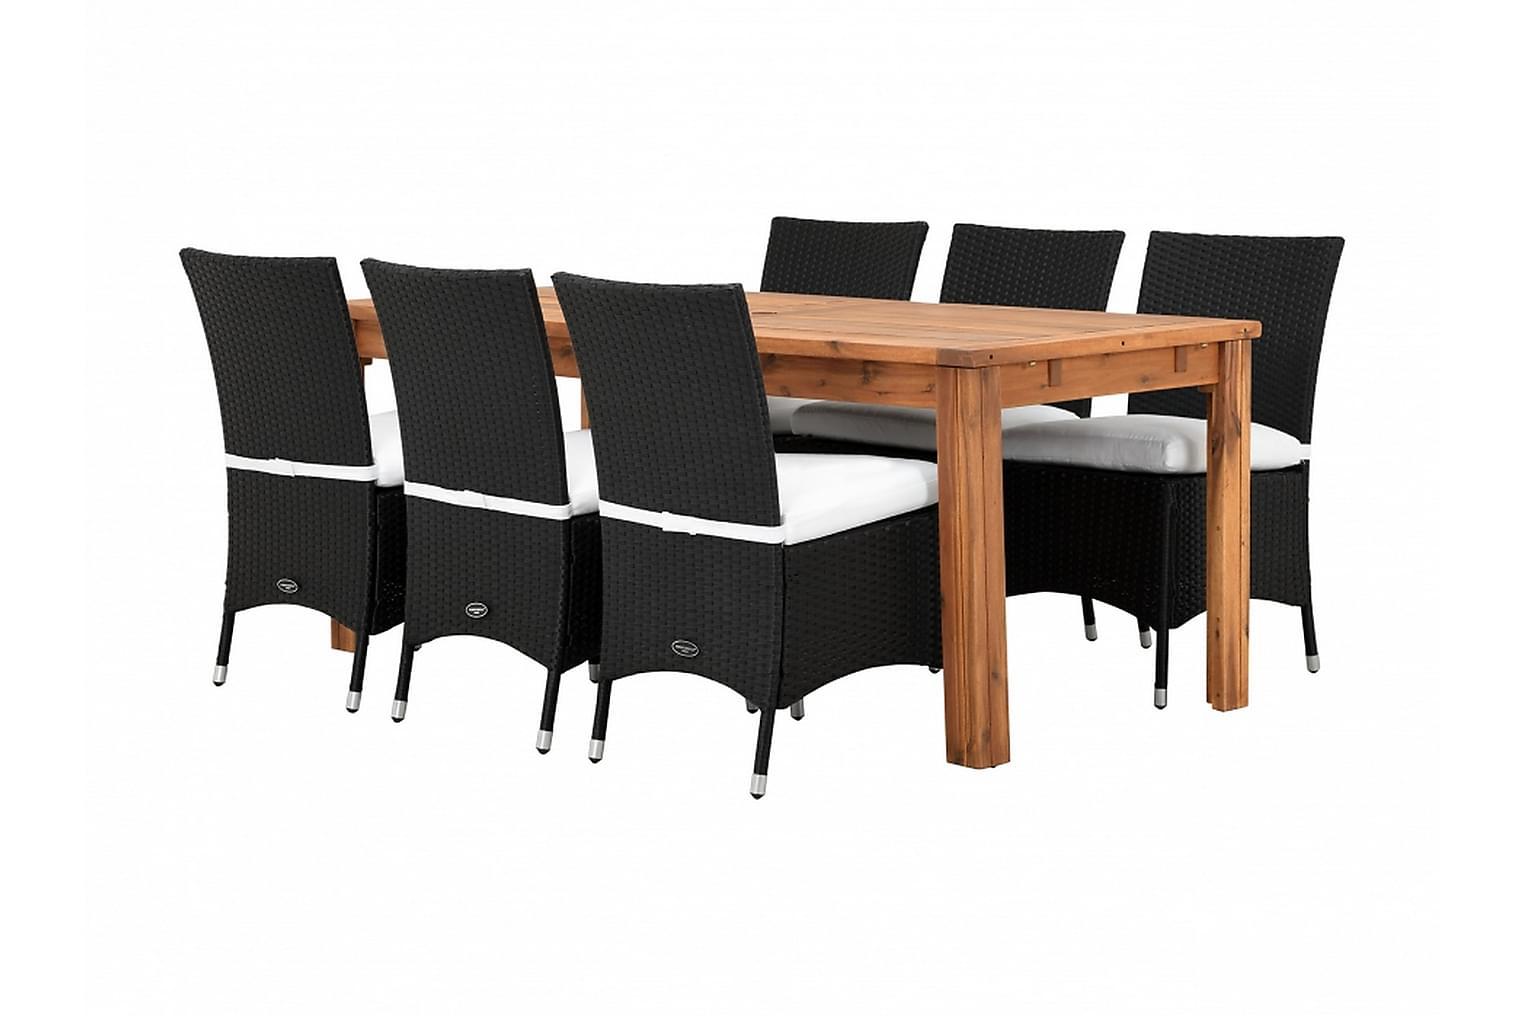 LAMBERT Klaffipöytä 180 Luonnonvärinen 6 ARUBA Tuolia Musta/